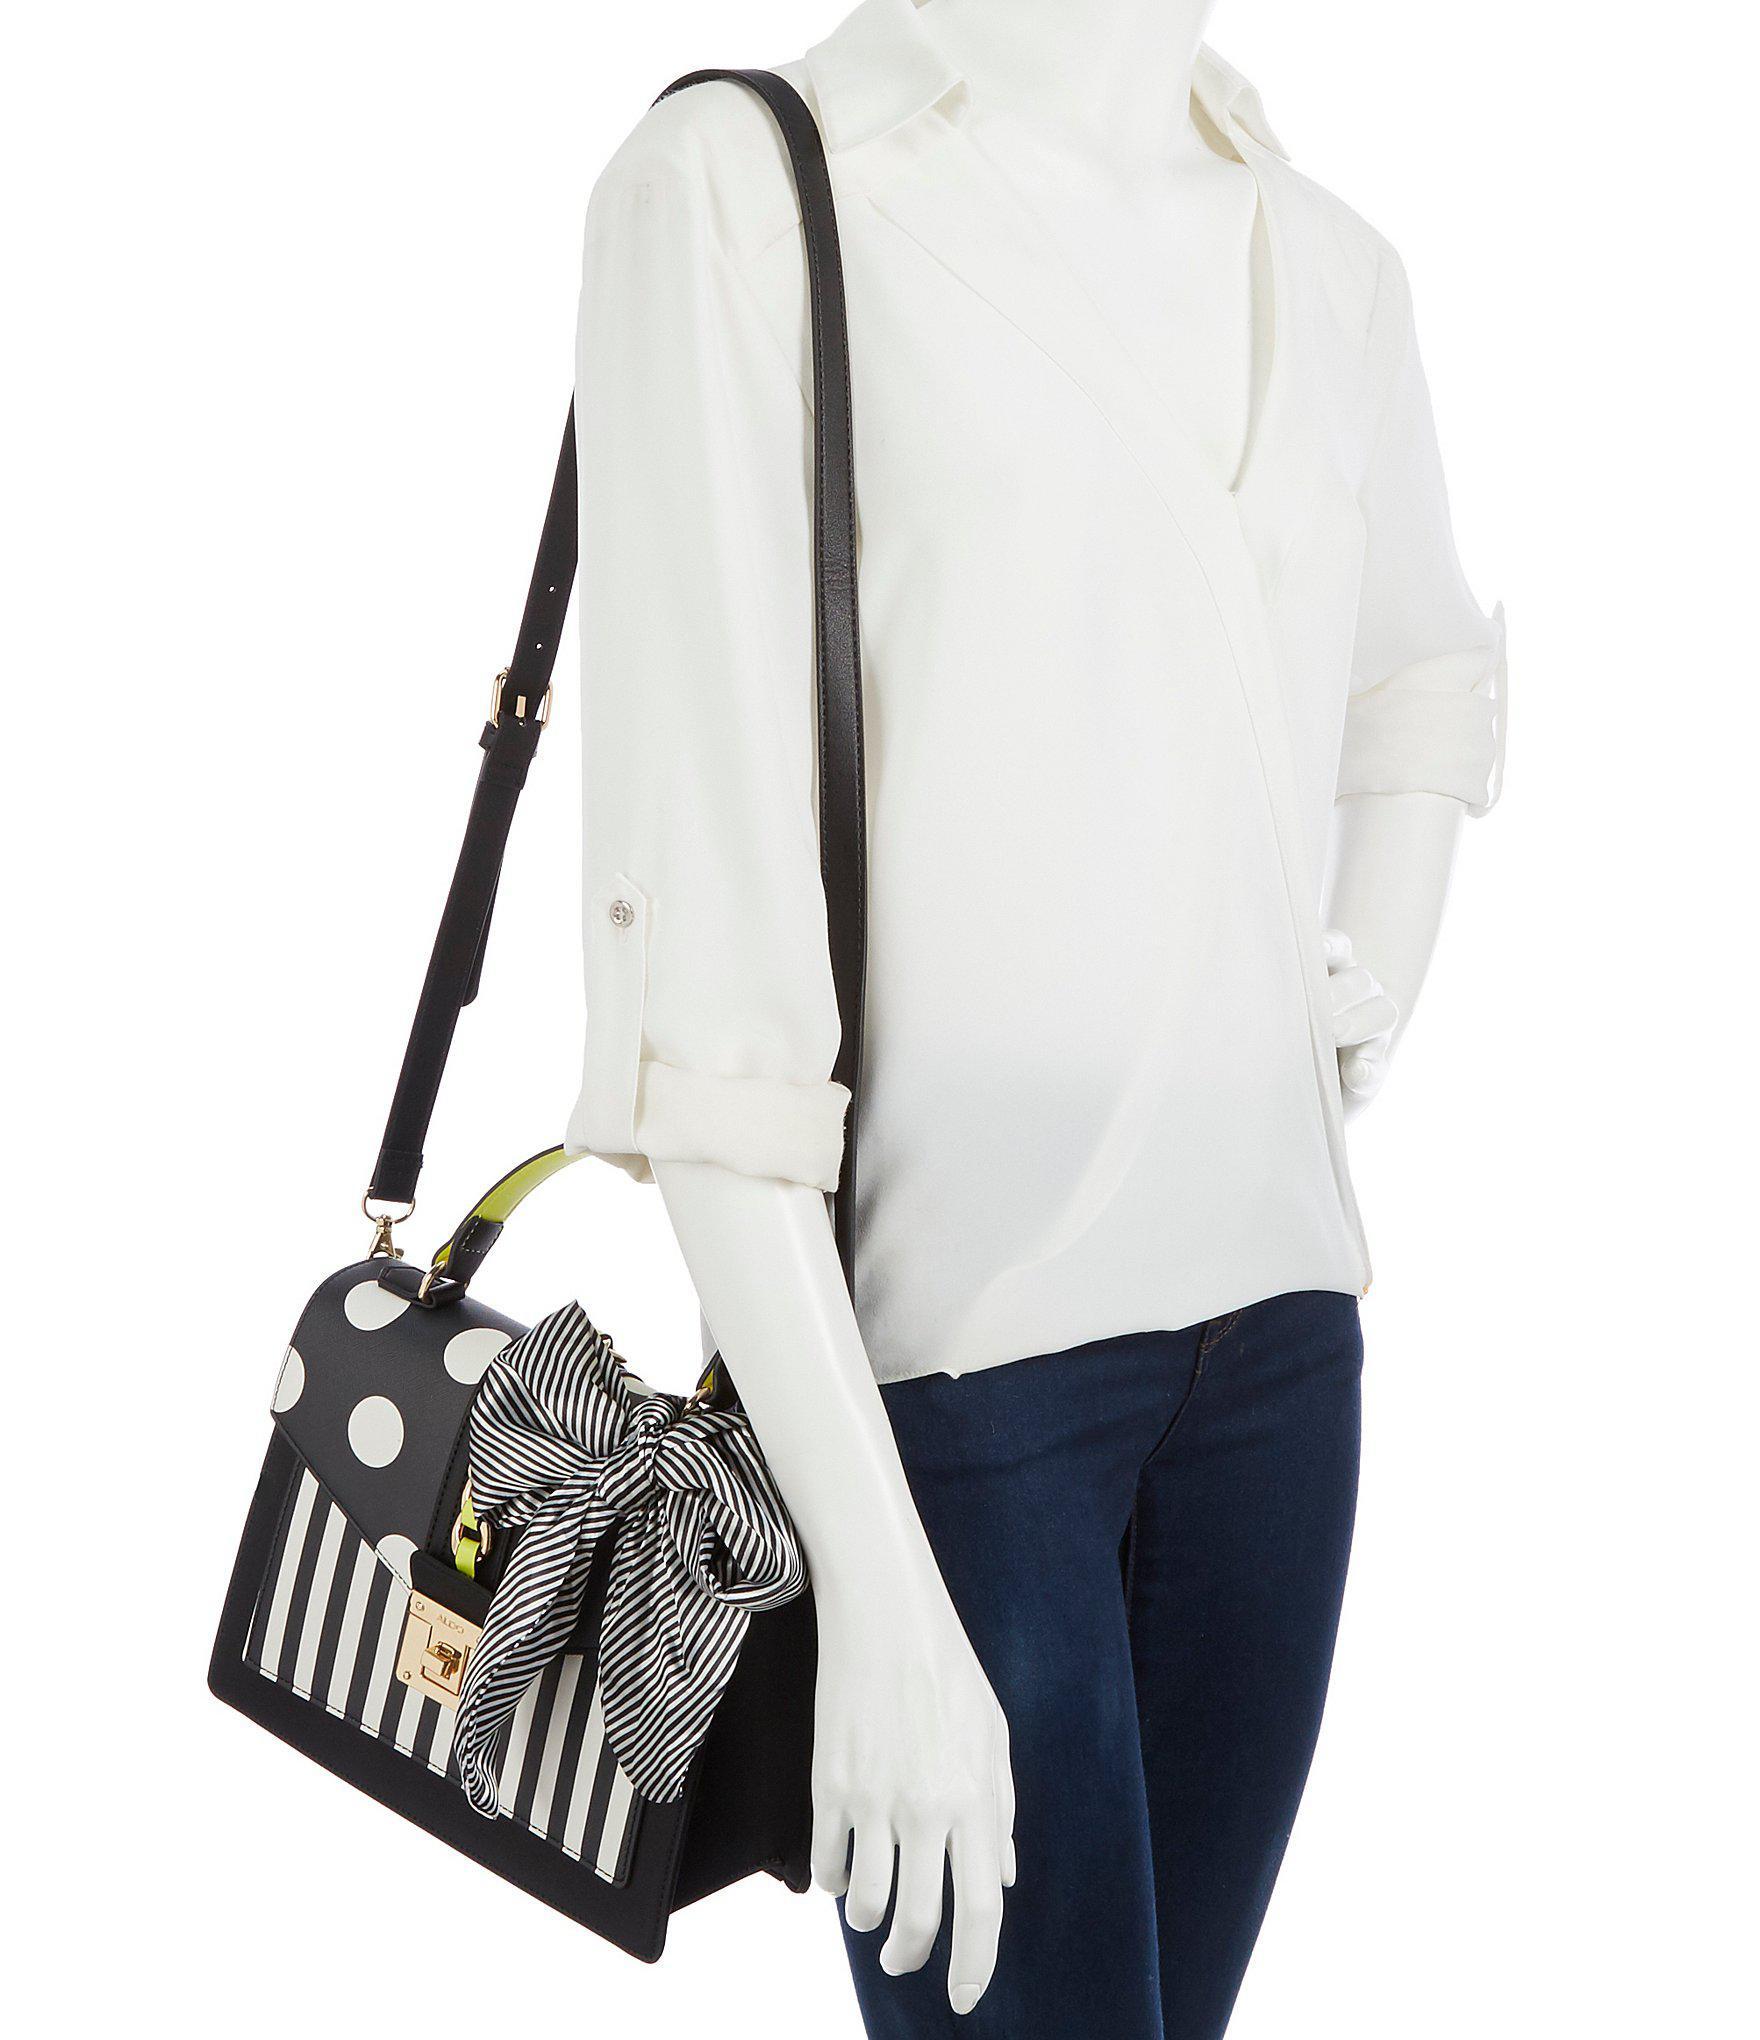 92b14aec5d1 Lyst - ALDO Glendaa Small Top Handle Colorblock Handbag